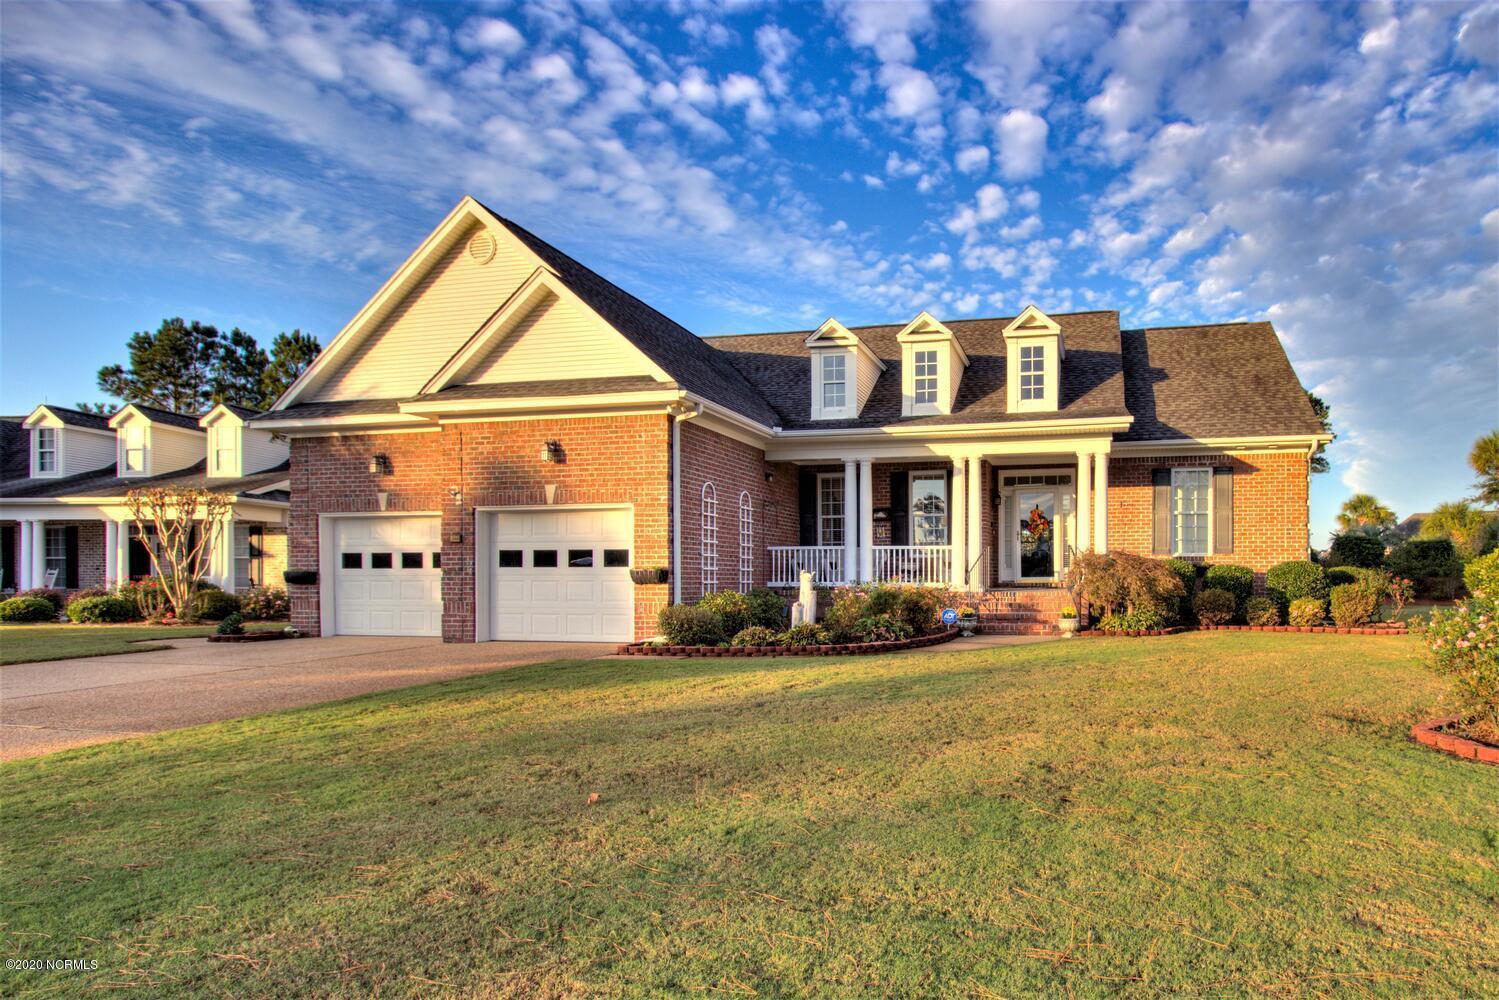 2004 Ashbrook Court Leland, NC 28451